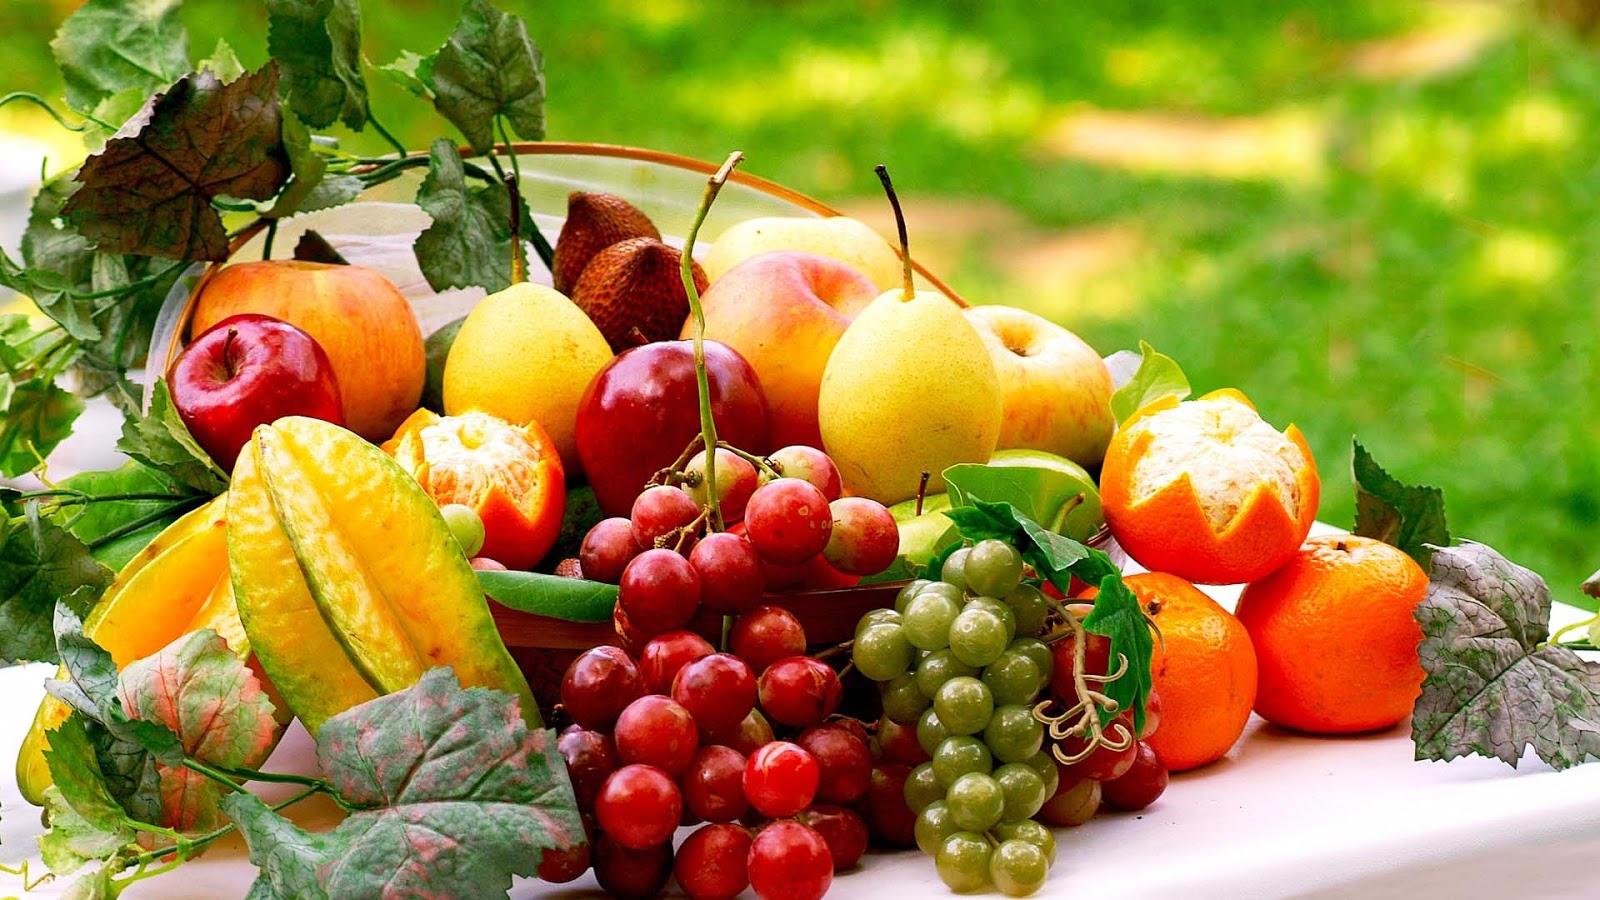 Mutluluk Veren Yiyecekler